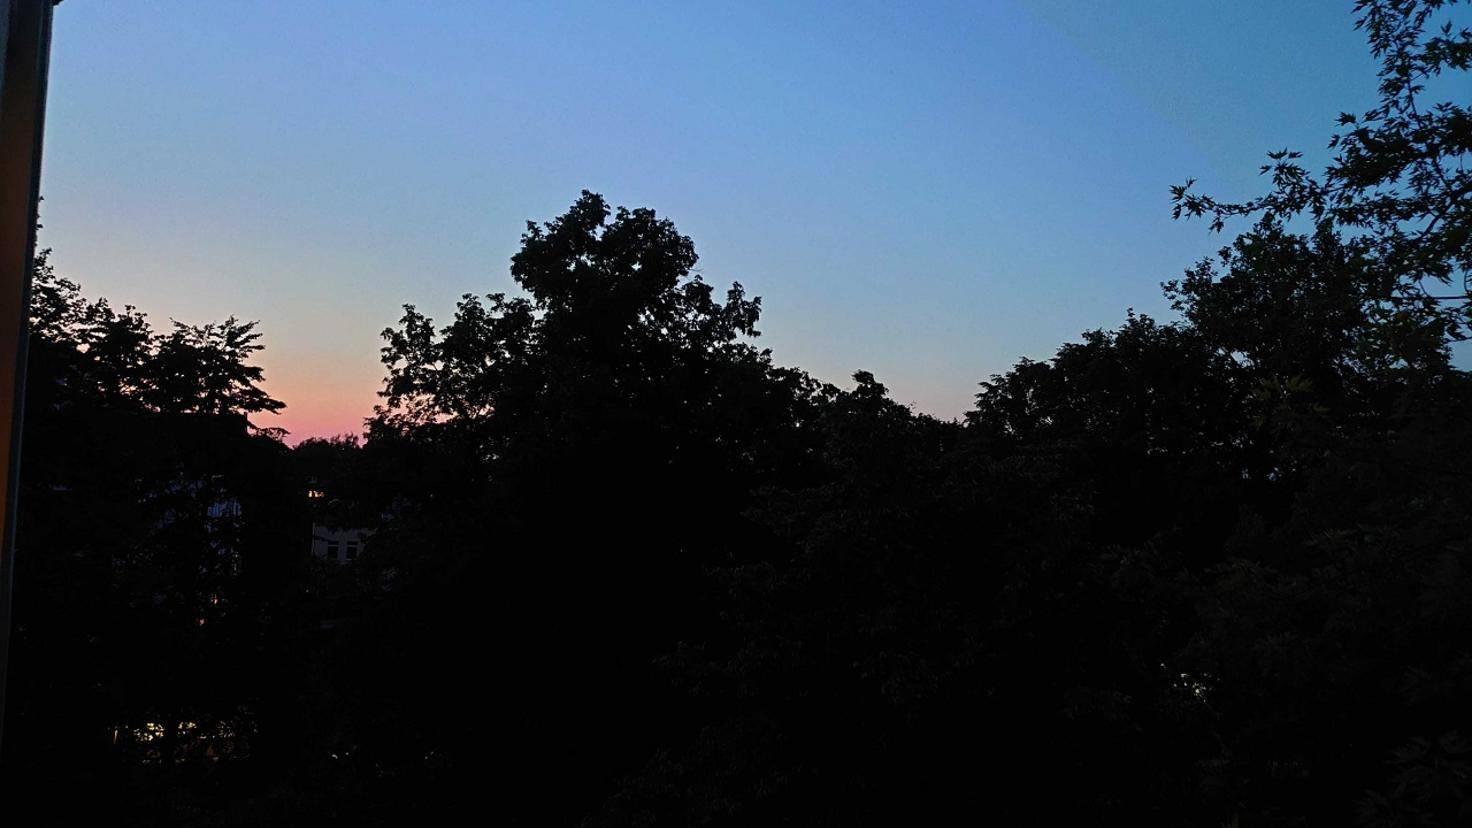 Sonnenuntergang aufgenommen mit Sony Xperia 1